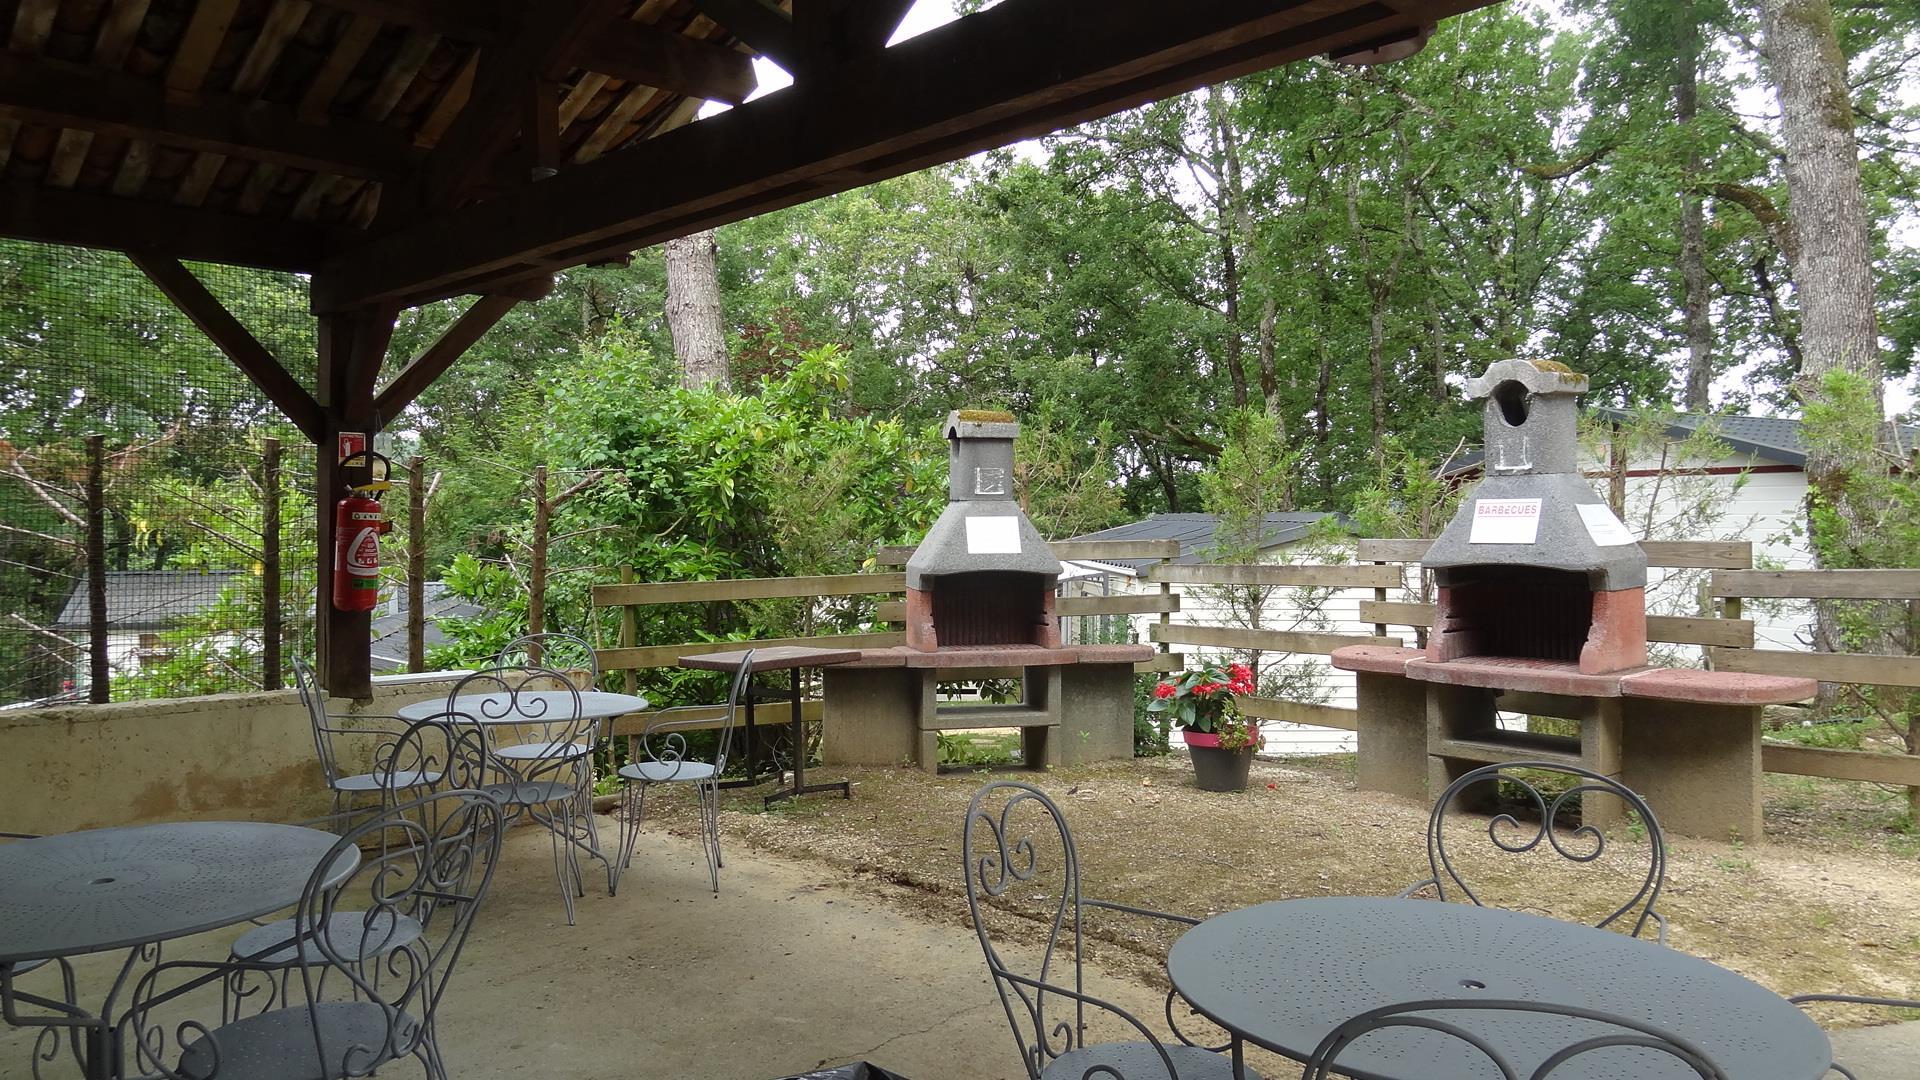 Camping la Colombiere, Beaumont, Dordogne